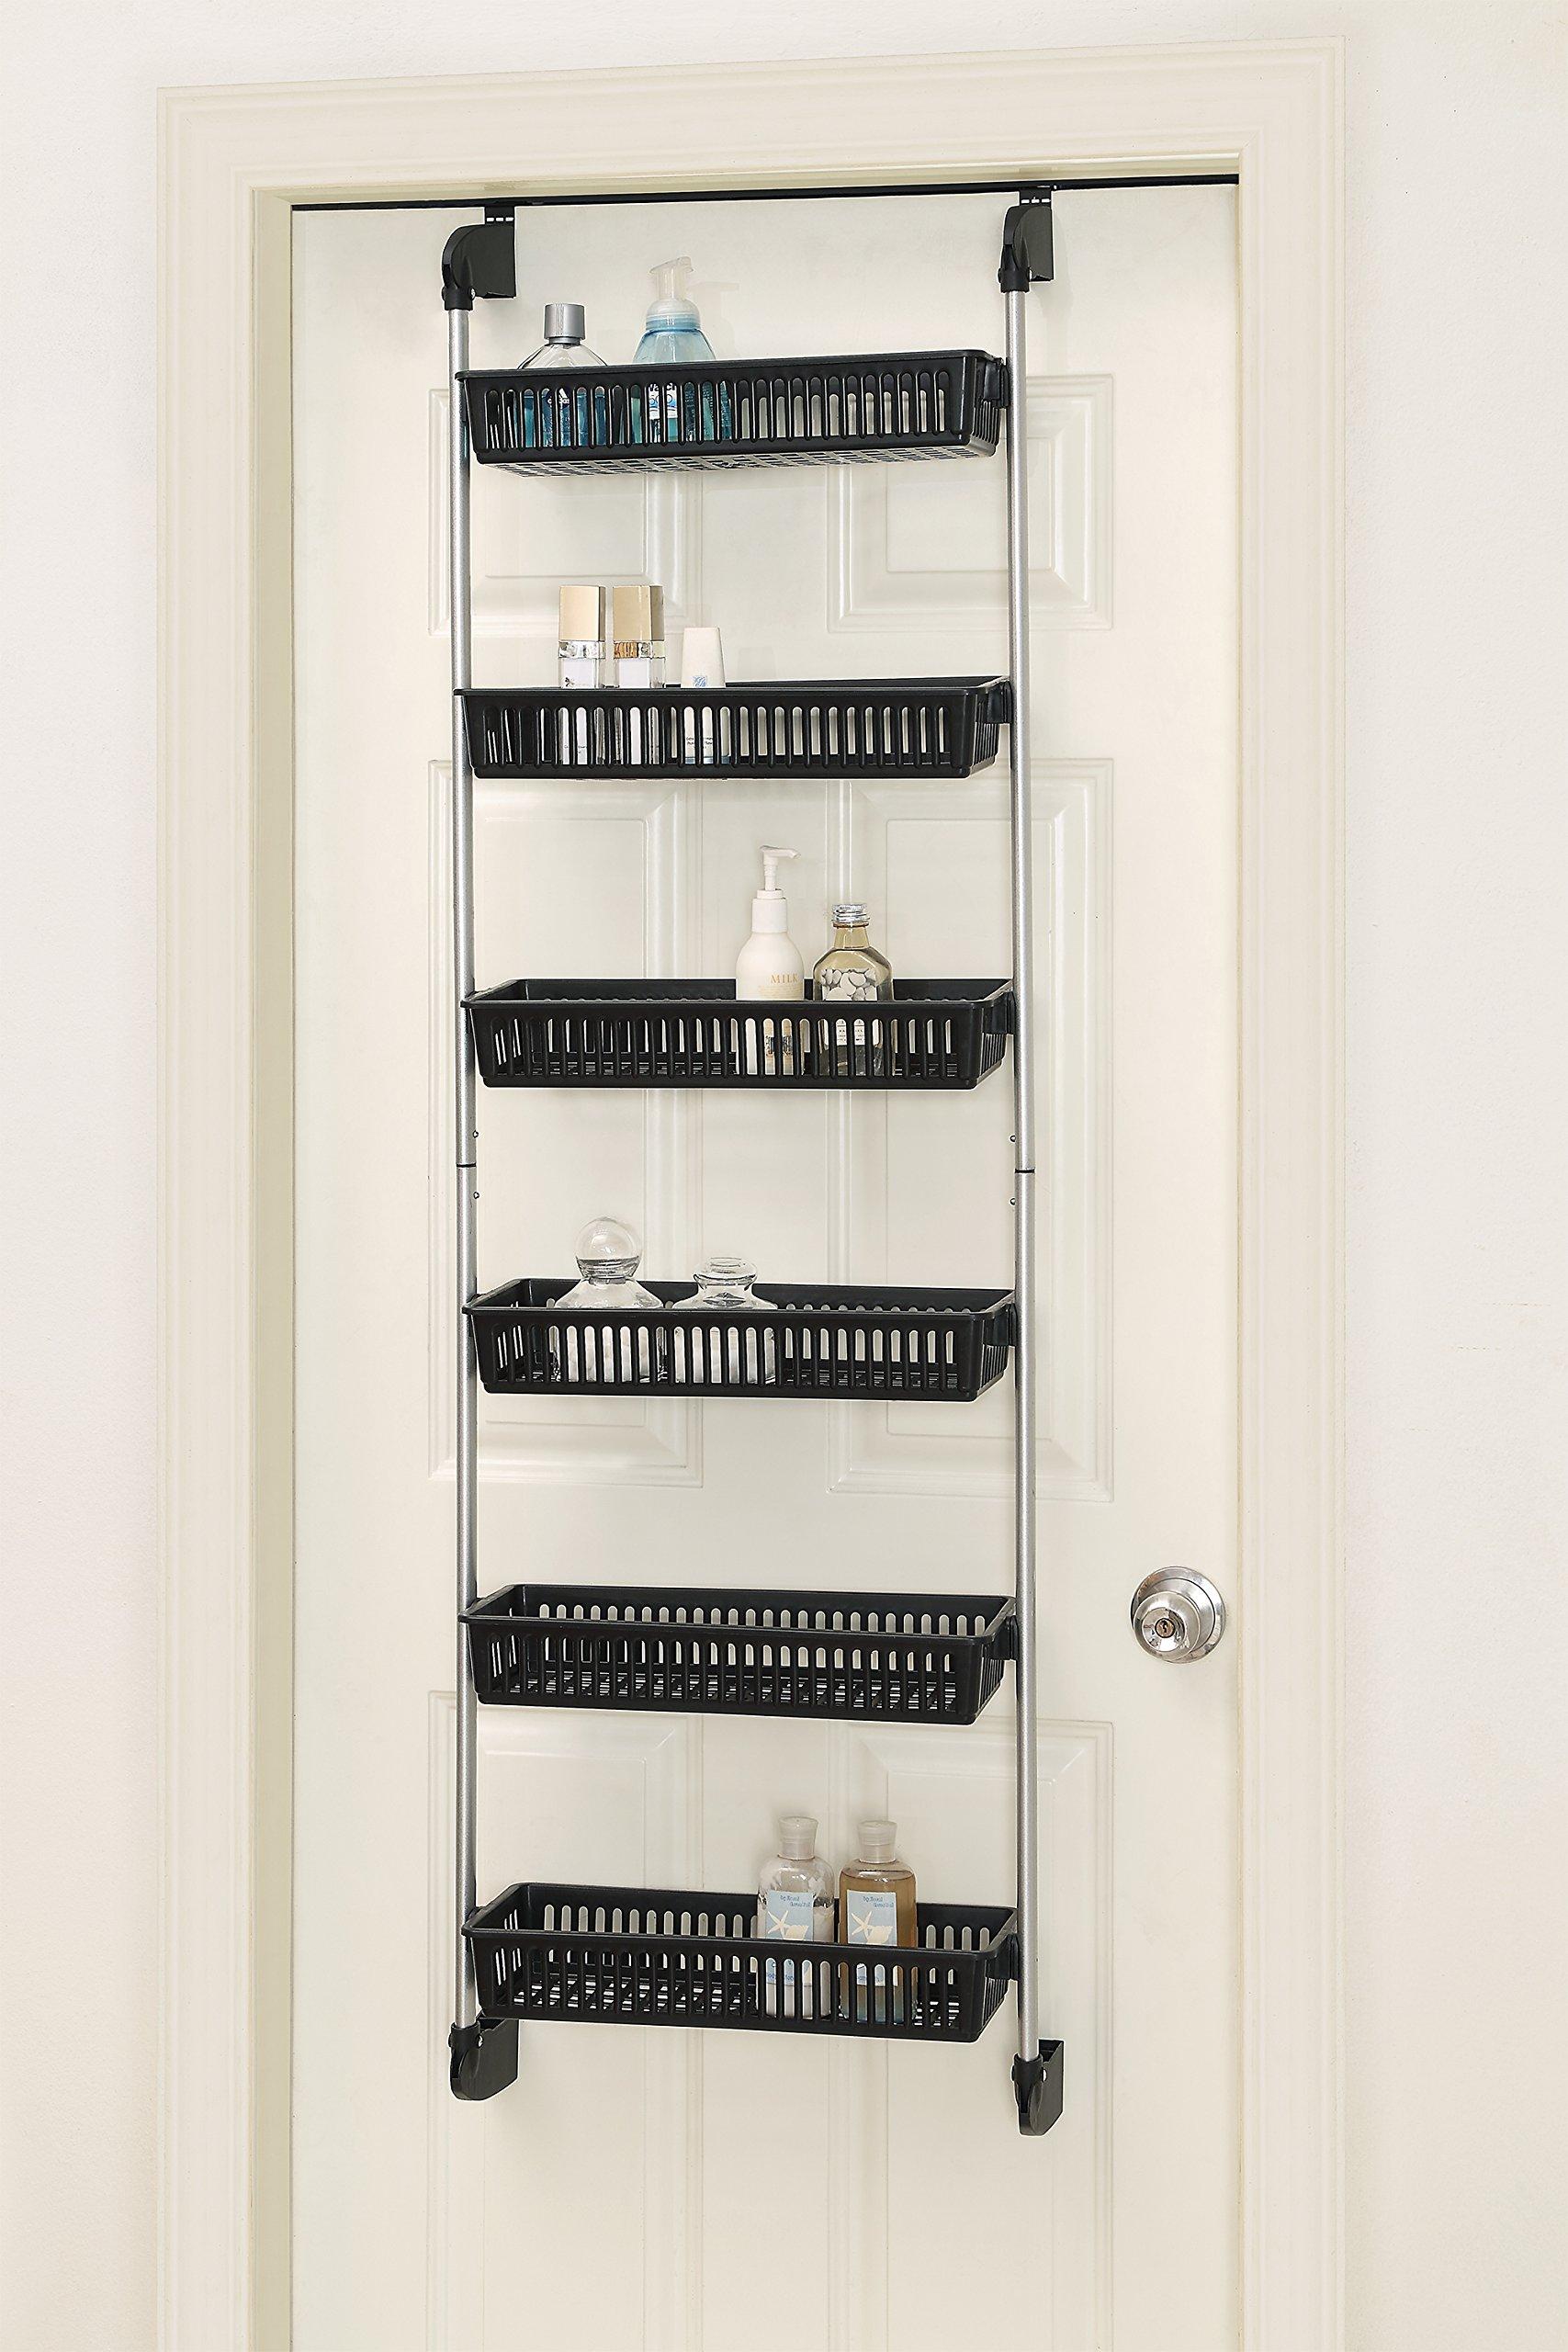 Over The Door 3 Tier Bathroom Towel Bar Rack Chrome W: Over The Door Basket Shelf Closet Pantry Storage Kitchen